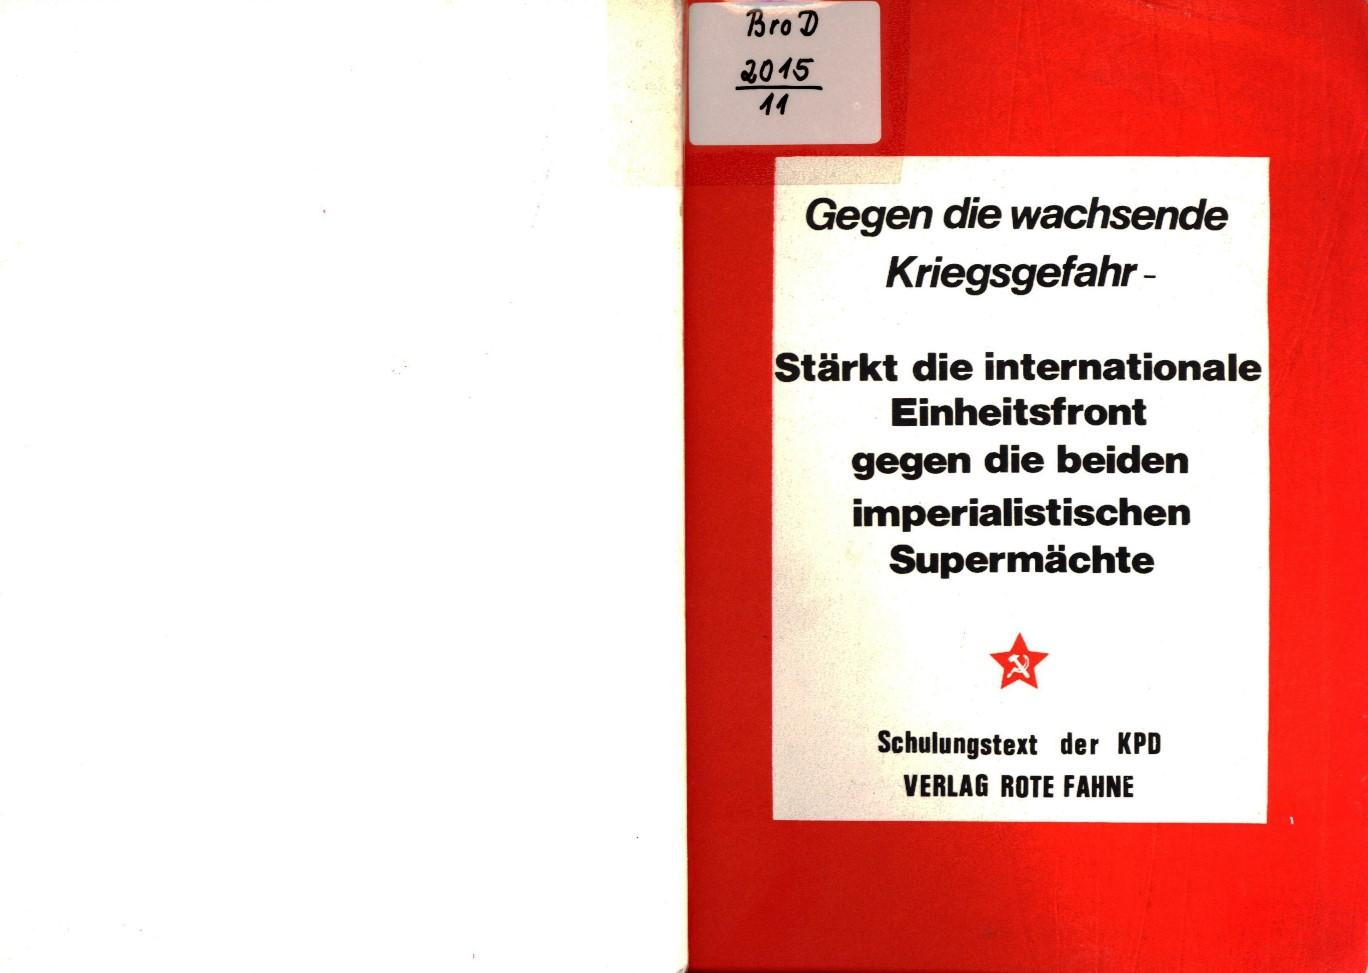 KPDAO_1975_Gegen_die_wachsende_Kriegsgefahr_01